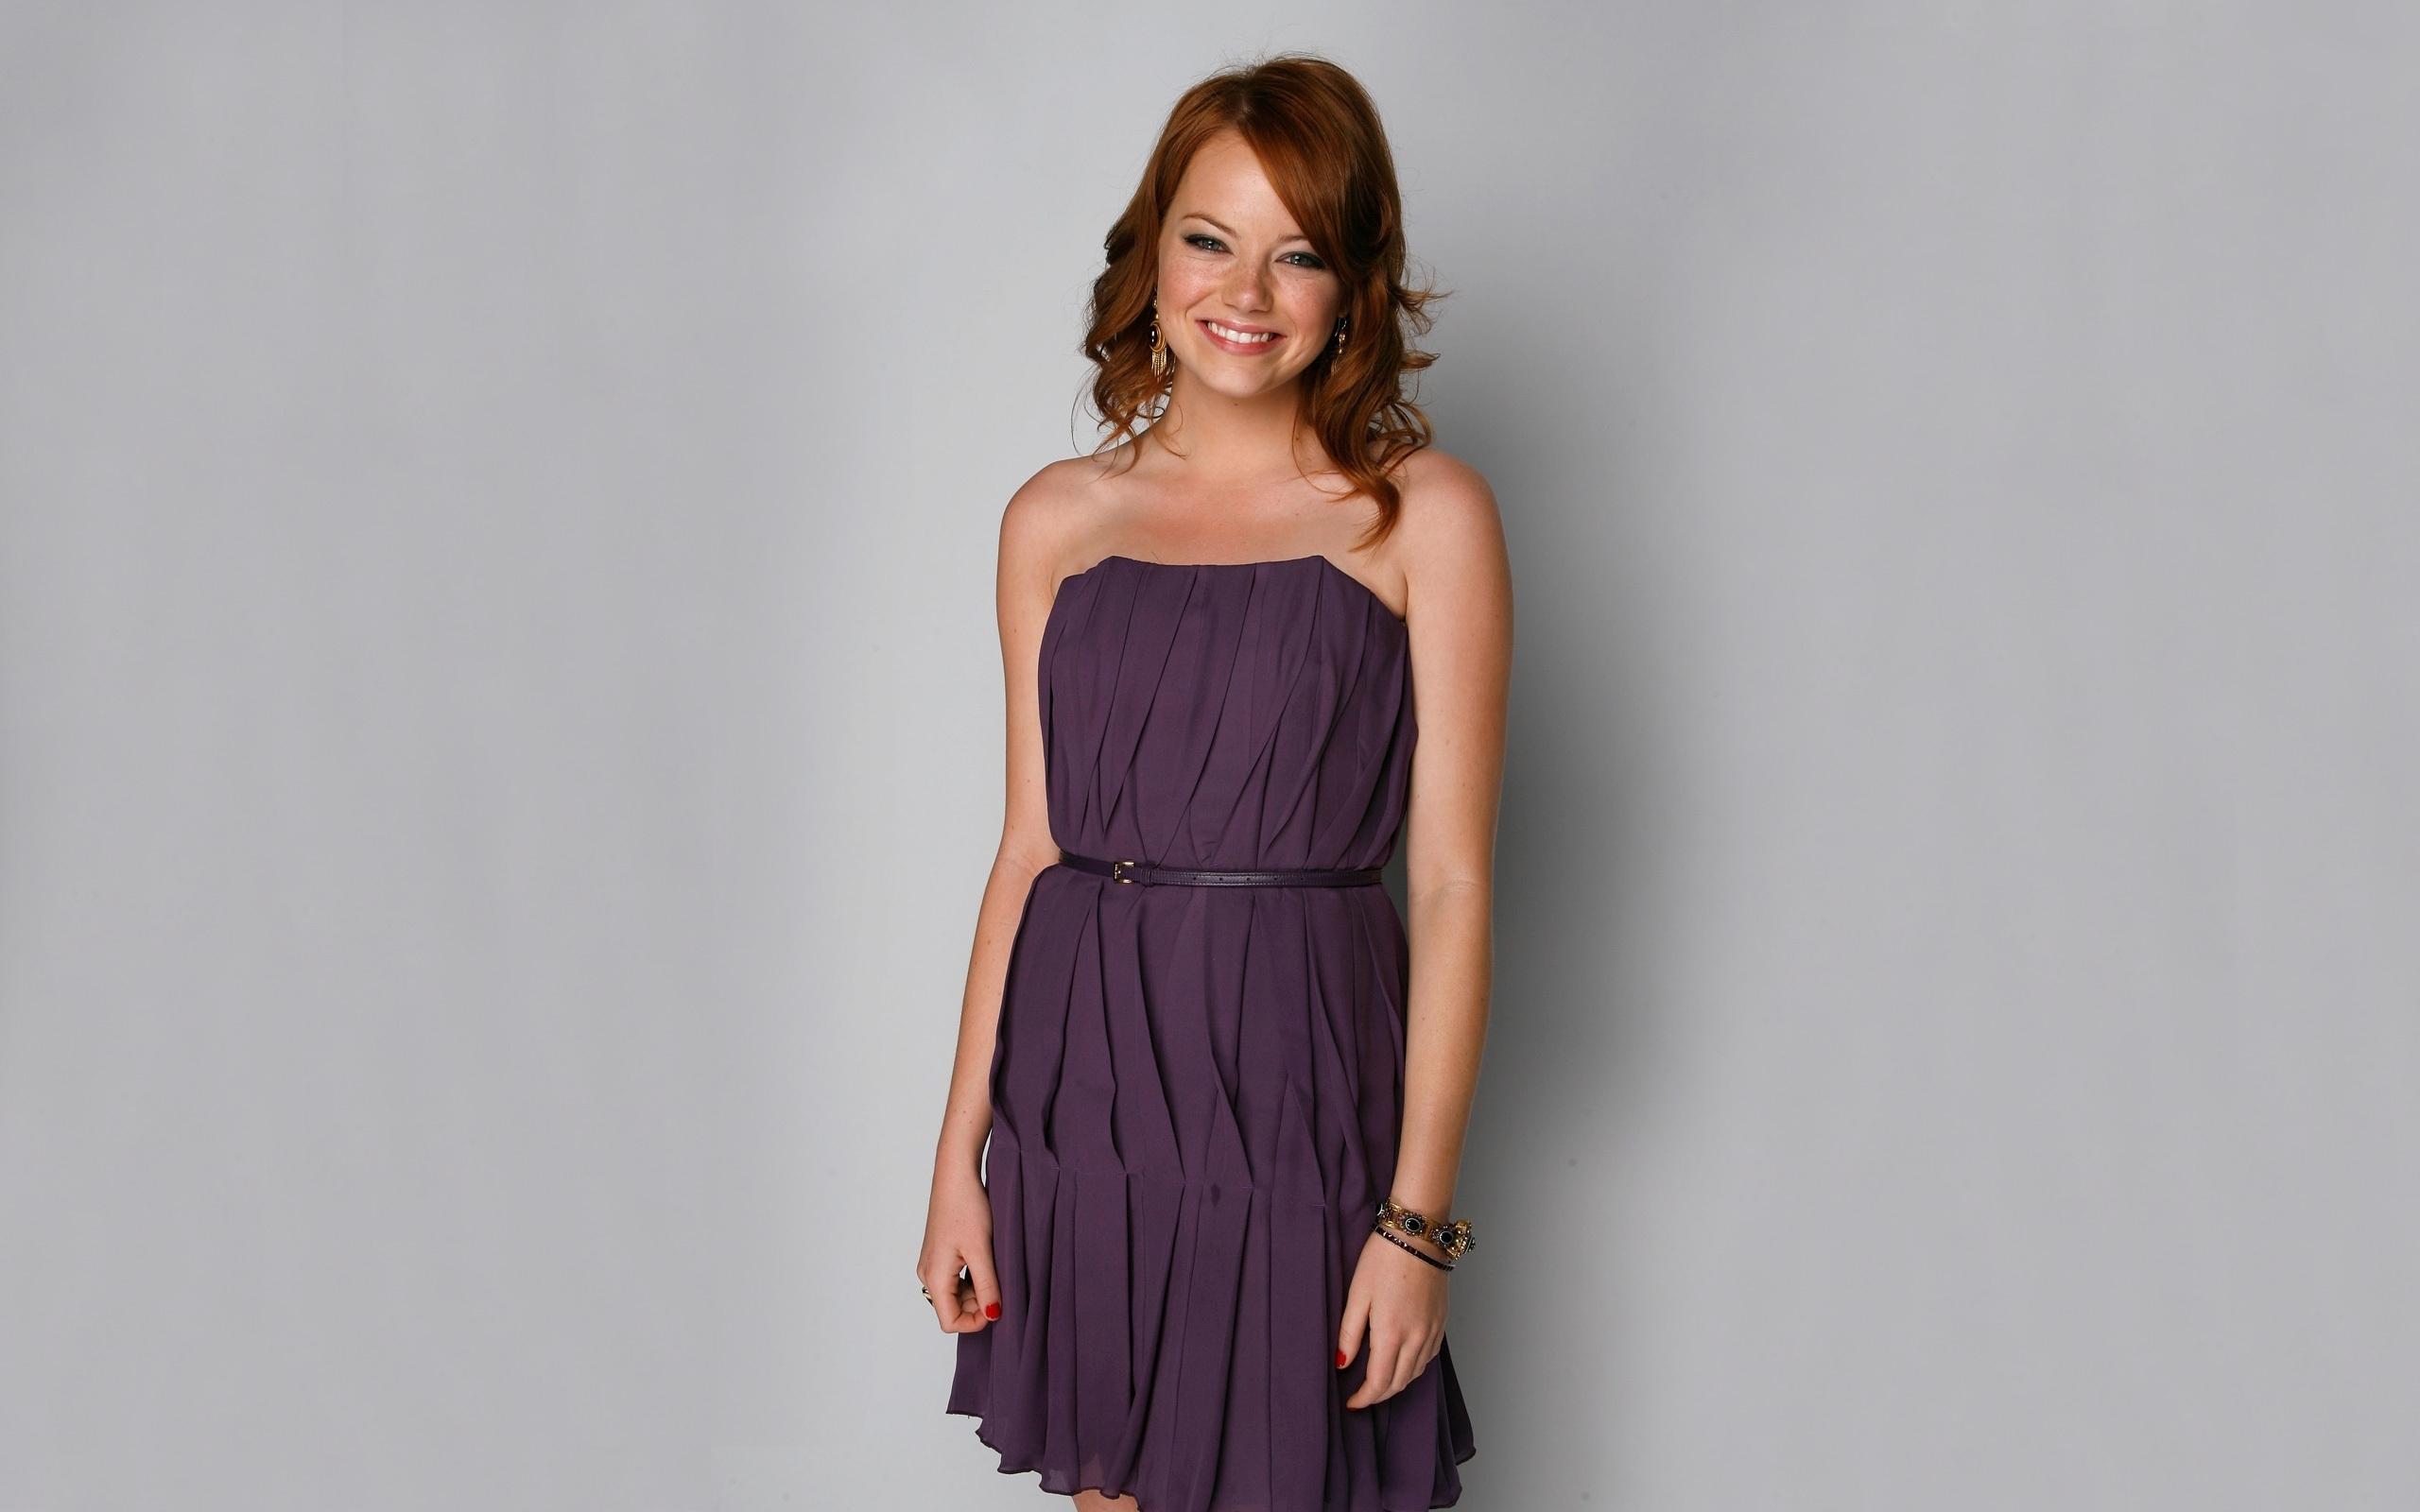 Hintergrundbilder : Modell-, Fotografie, Berühmtheit, Kleid, Muster ...